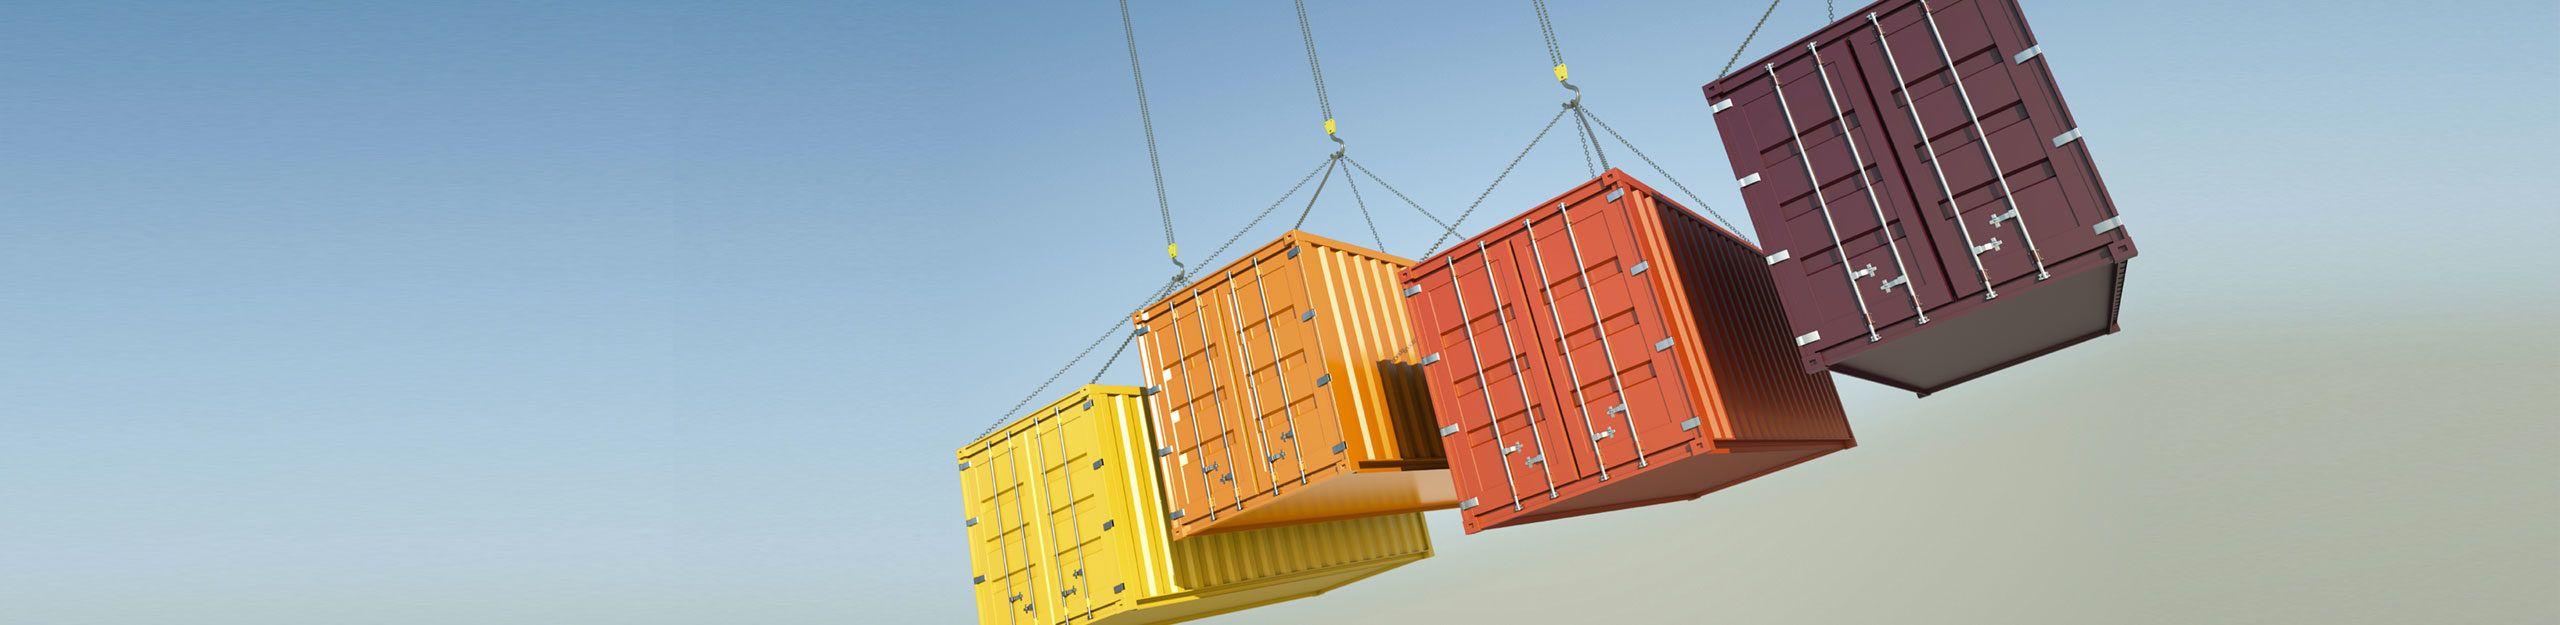 Mouvbox France : vente de containers